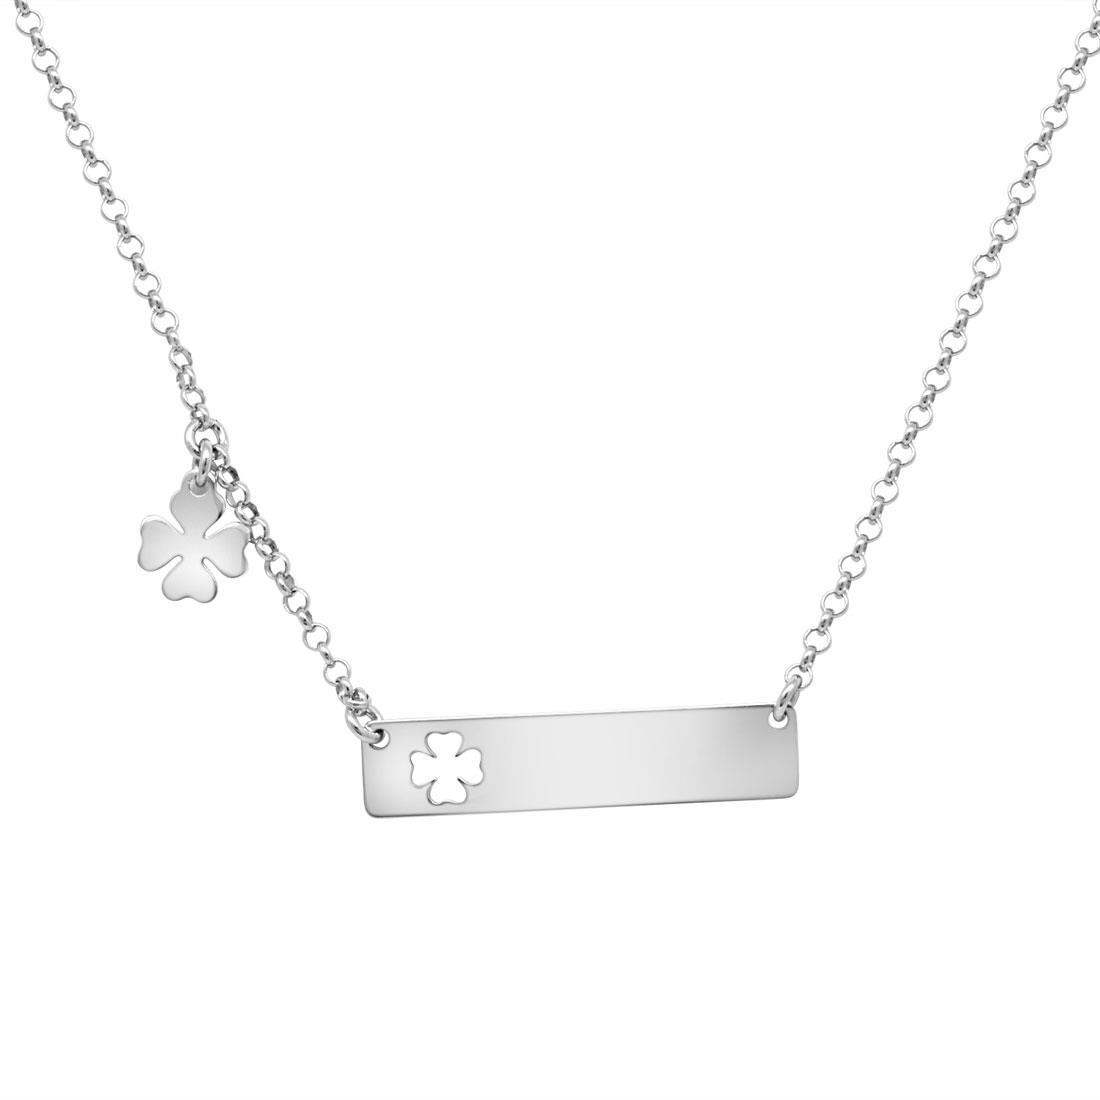 Collana in argento con quadrifoglio - ORO&CO